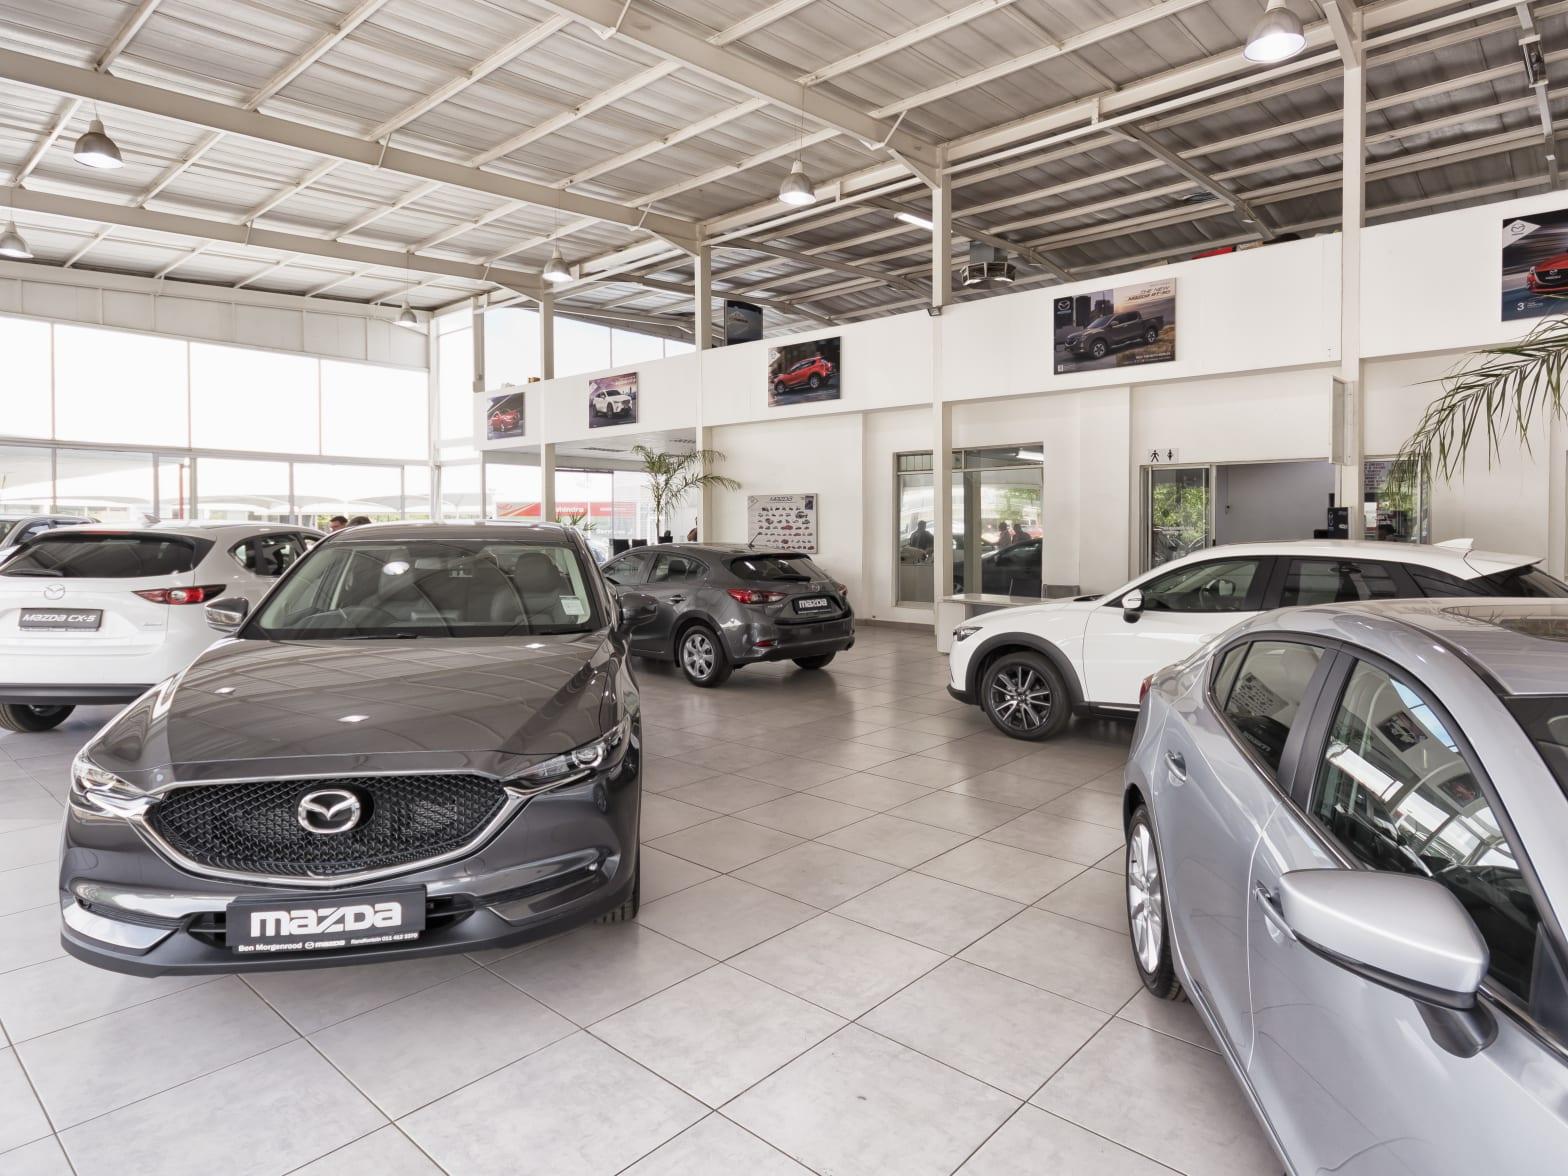 Mazda Car Dealer | Randfontein | Ben Morgenrood Mazda